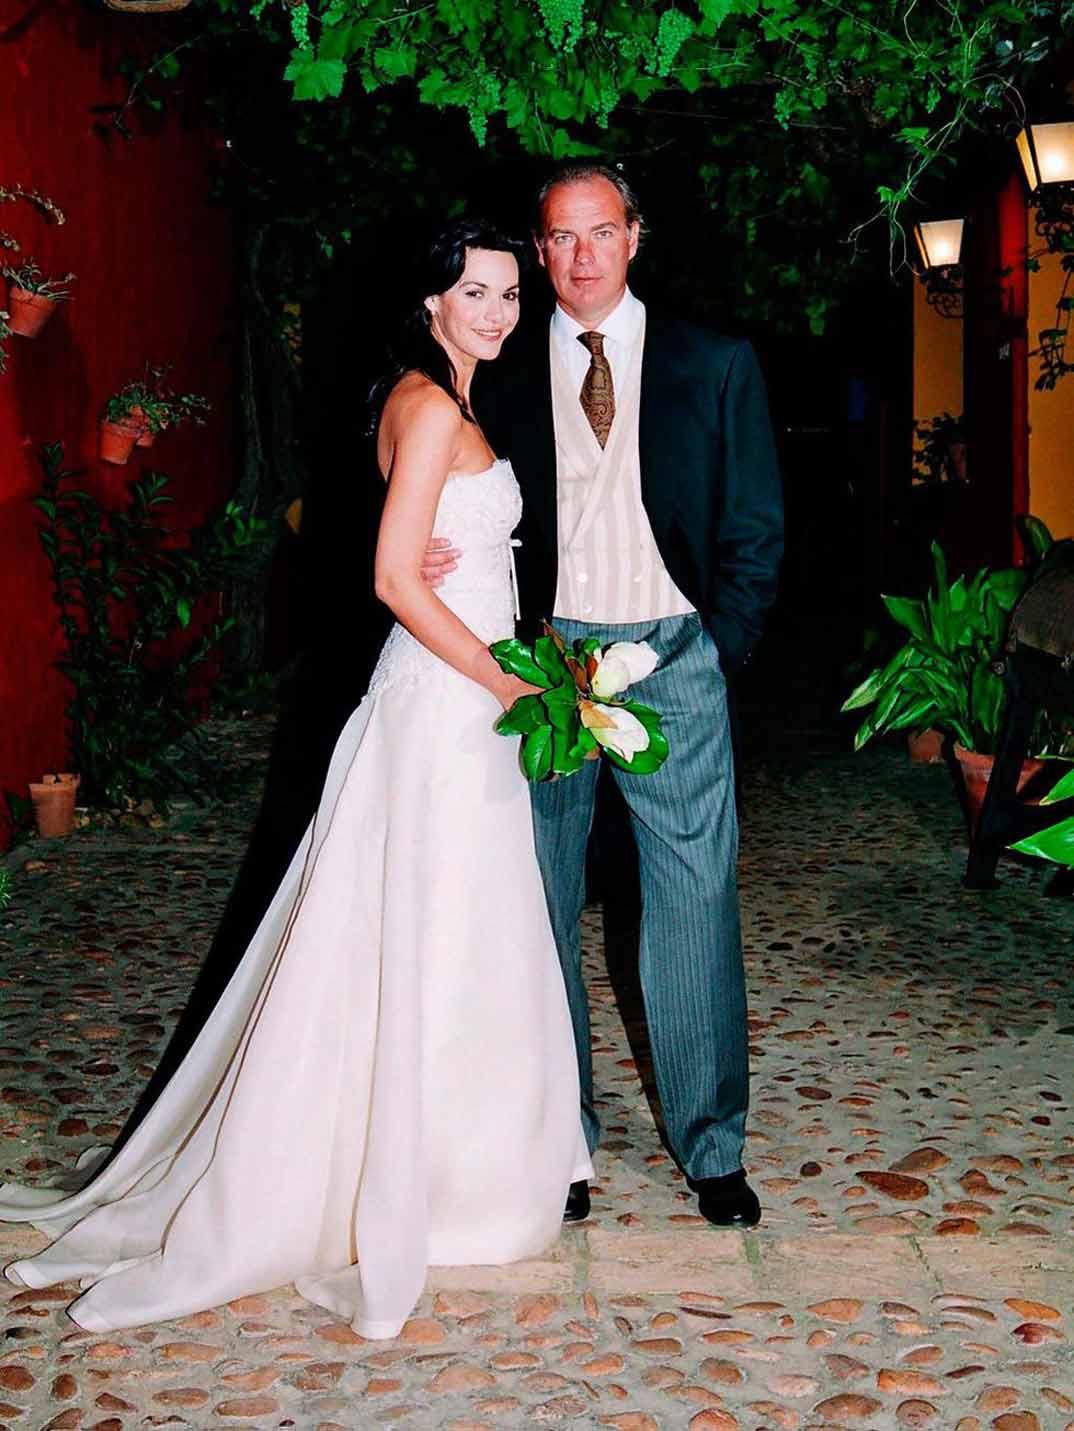 Bertín Osborne - Boda con Fabiola Martínez - 2006